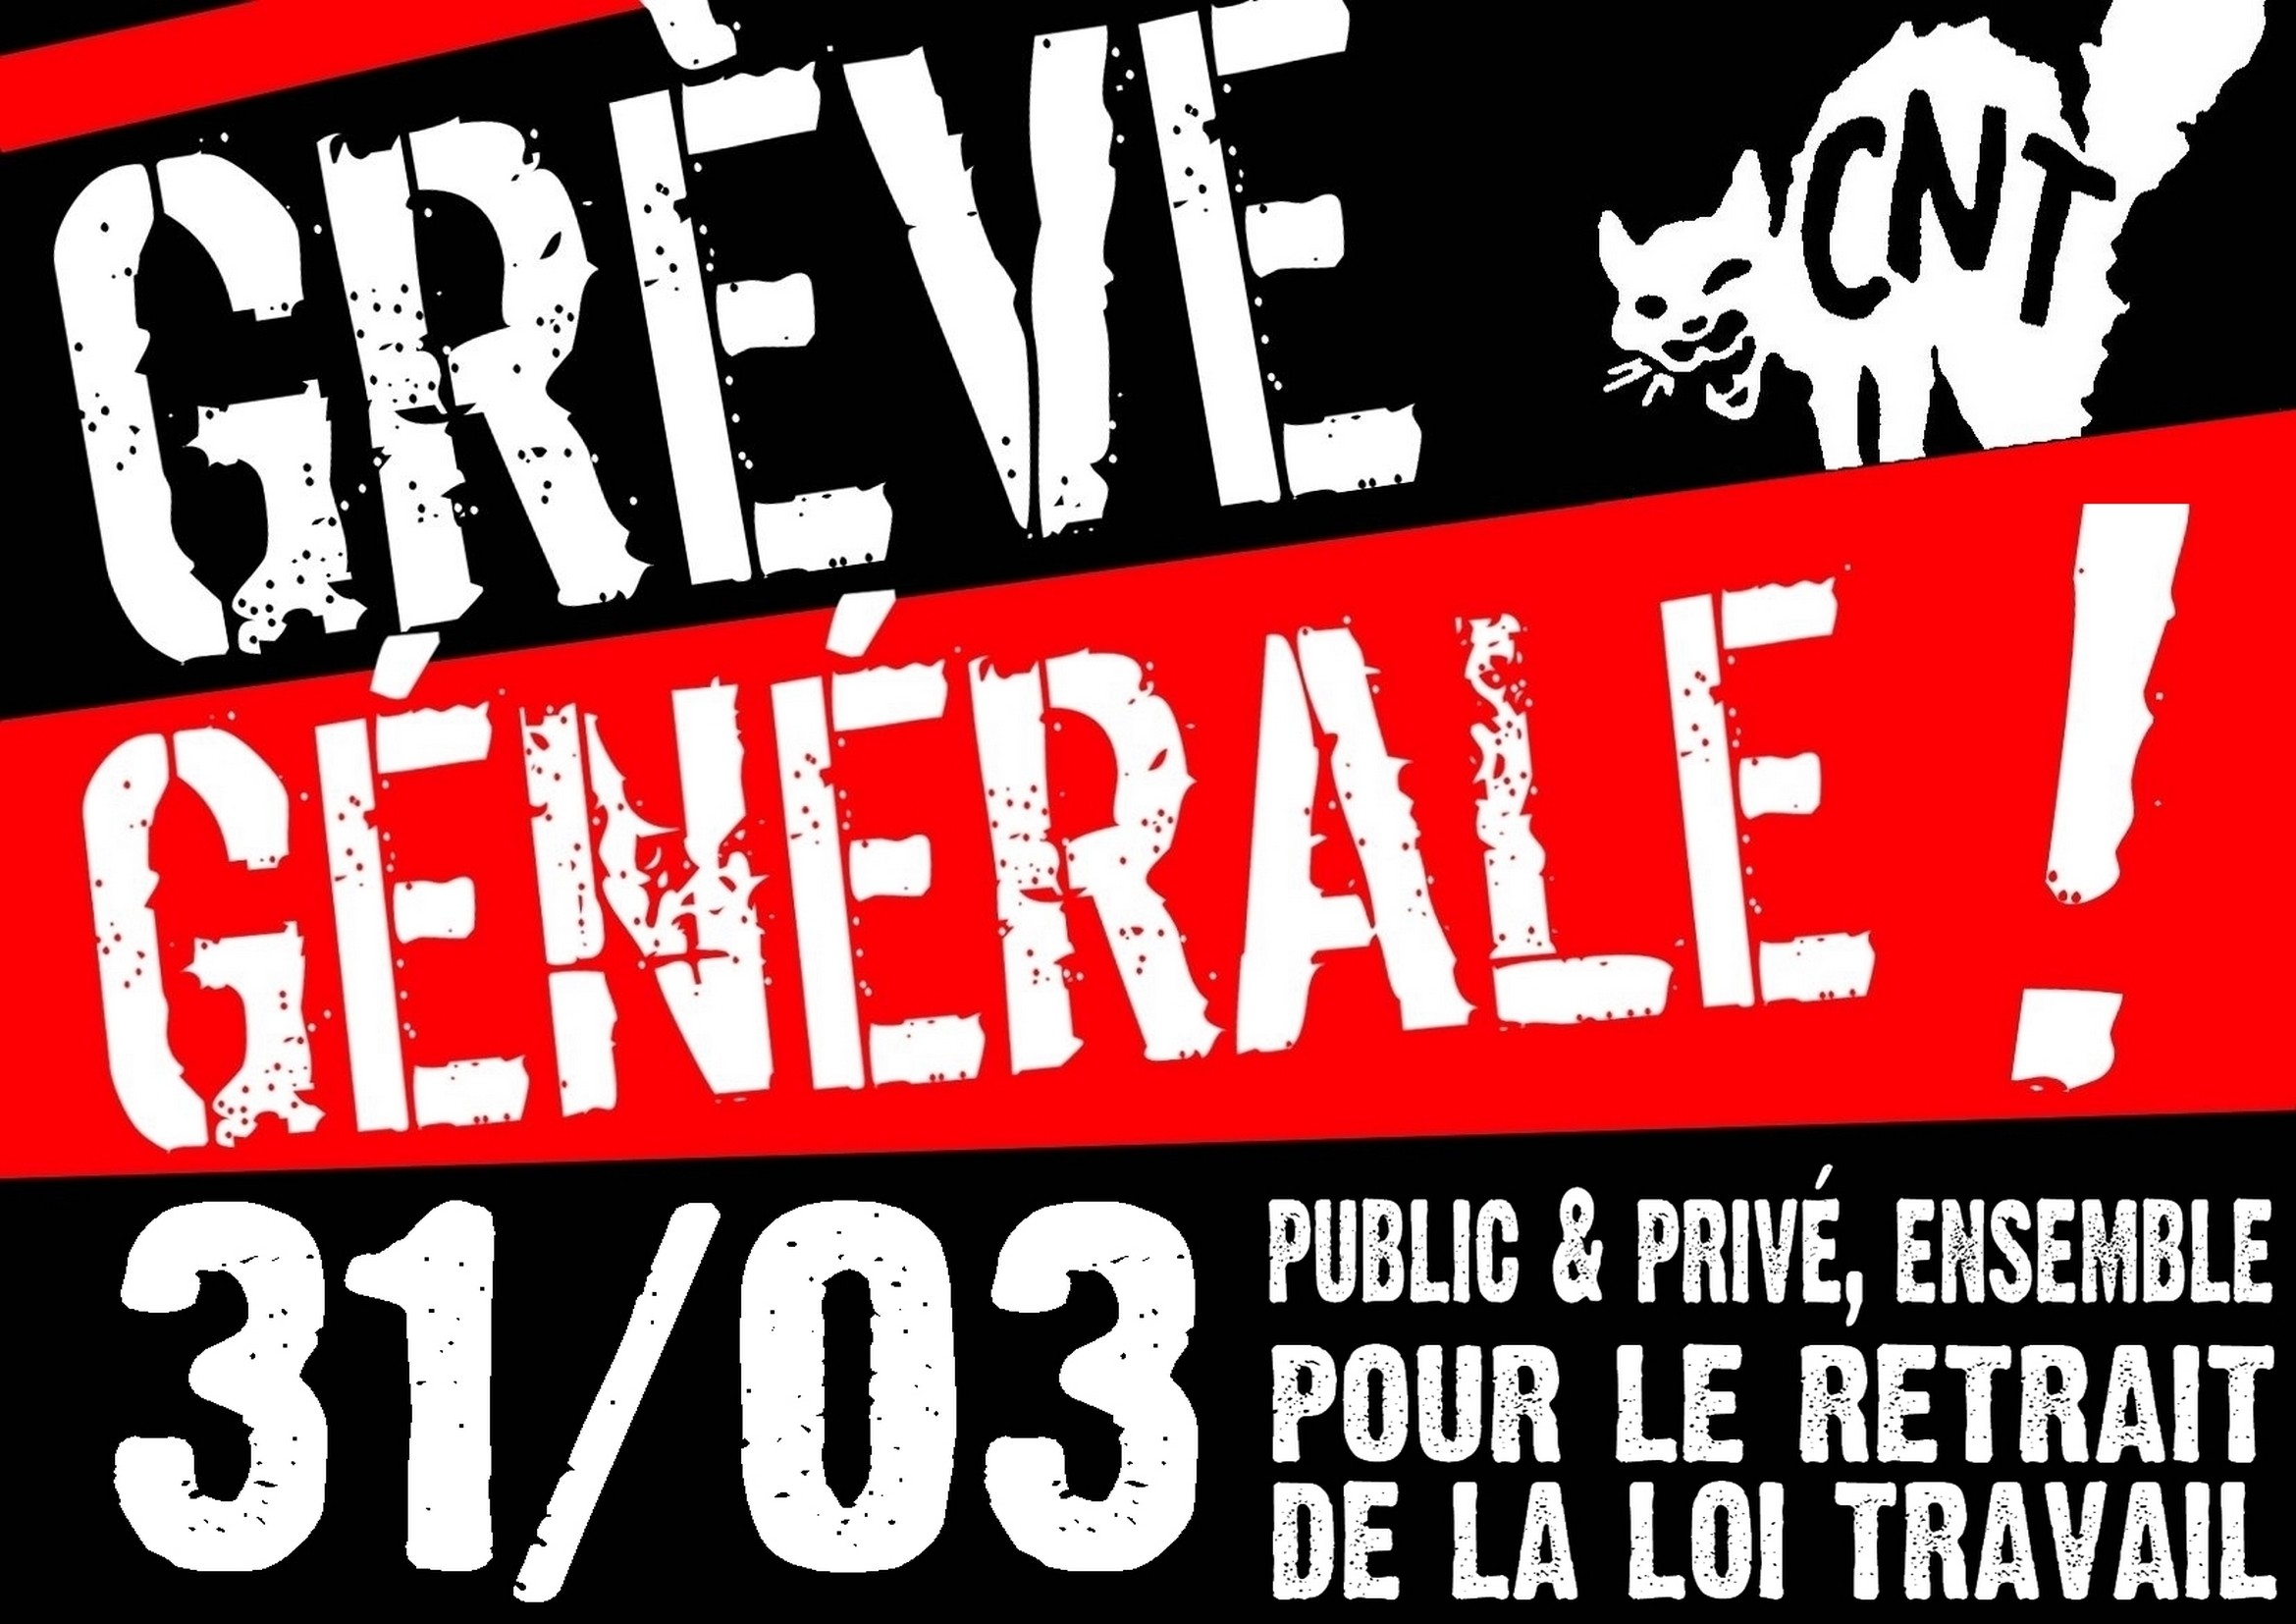 L'avviso di uno dei molti scioperi avvenuti in Francia